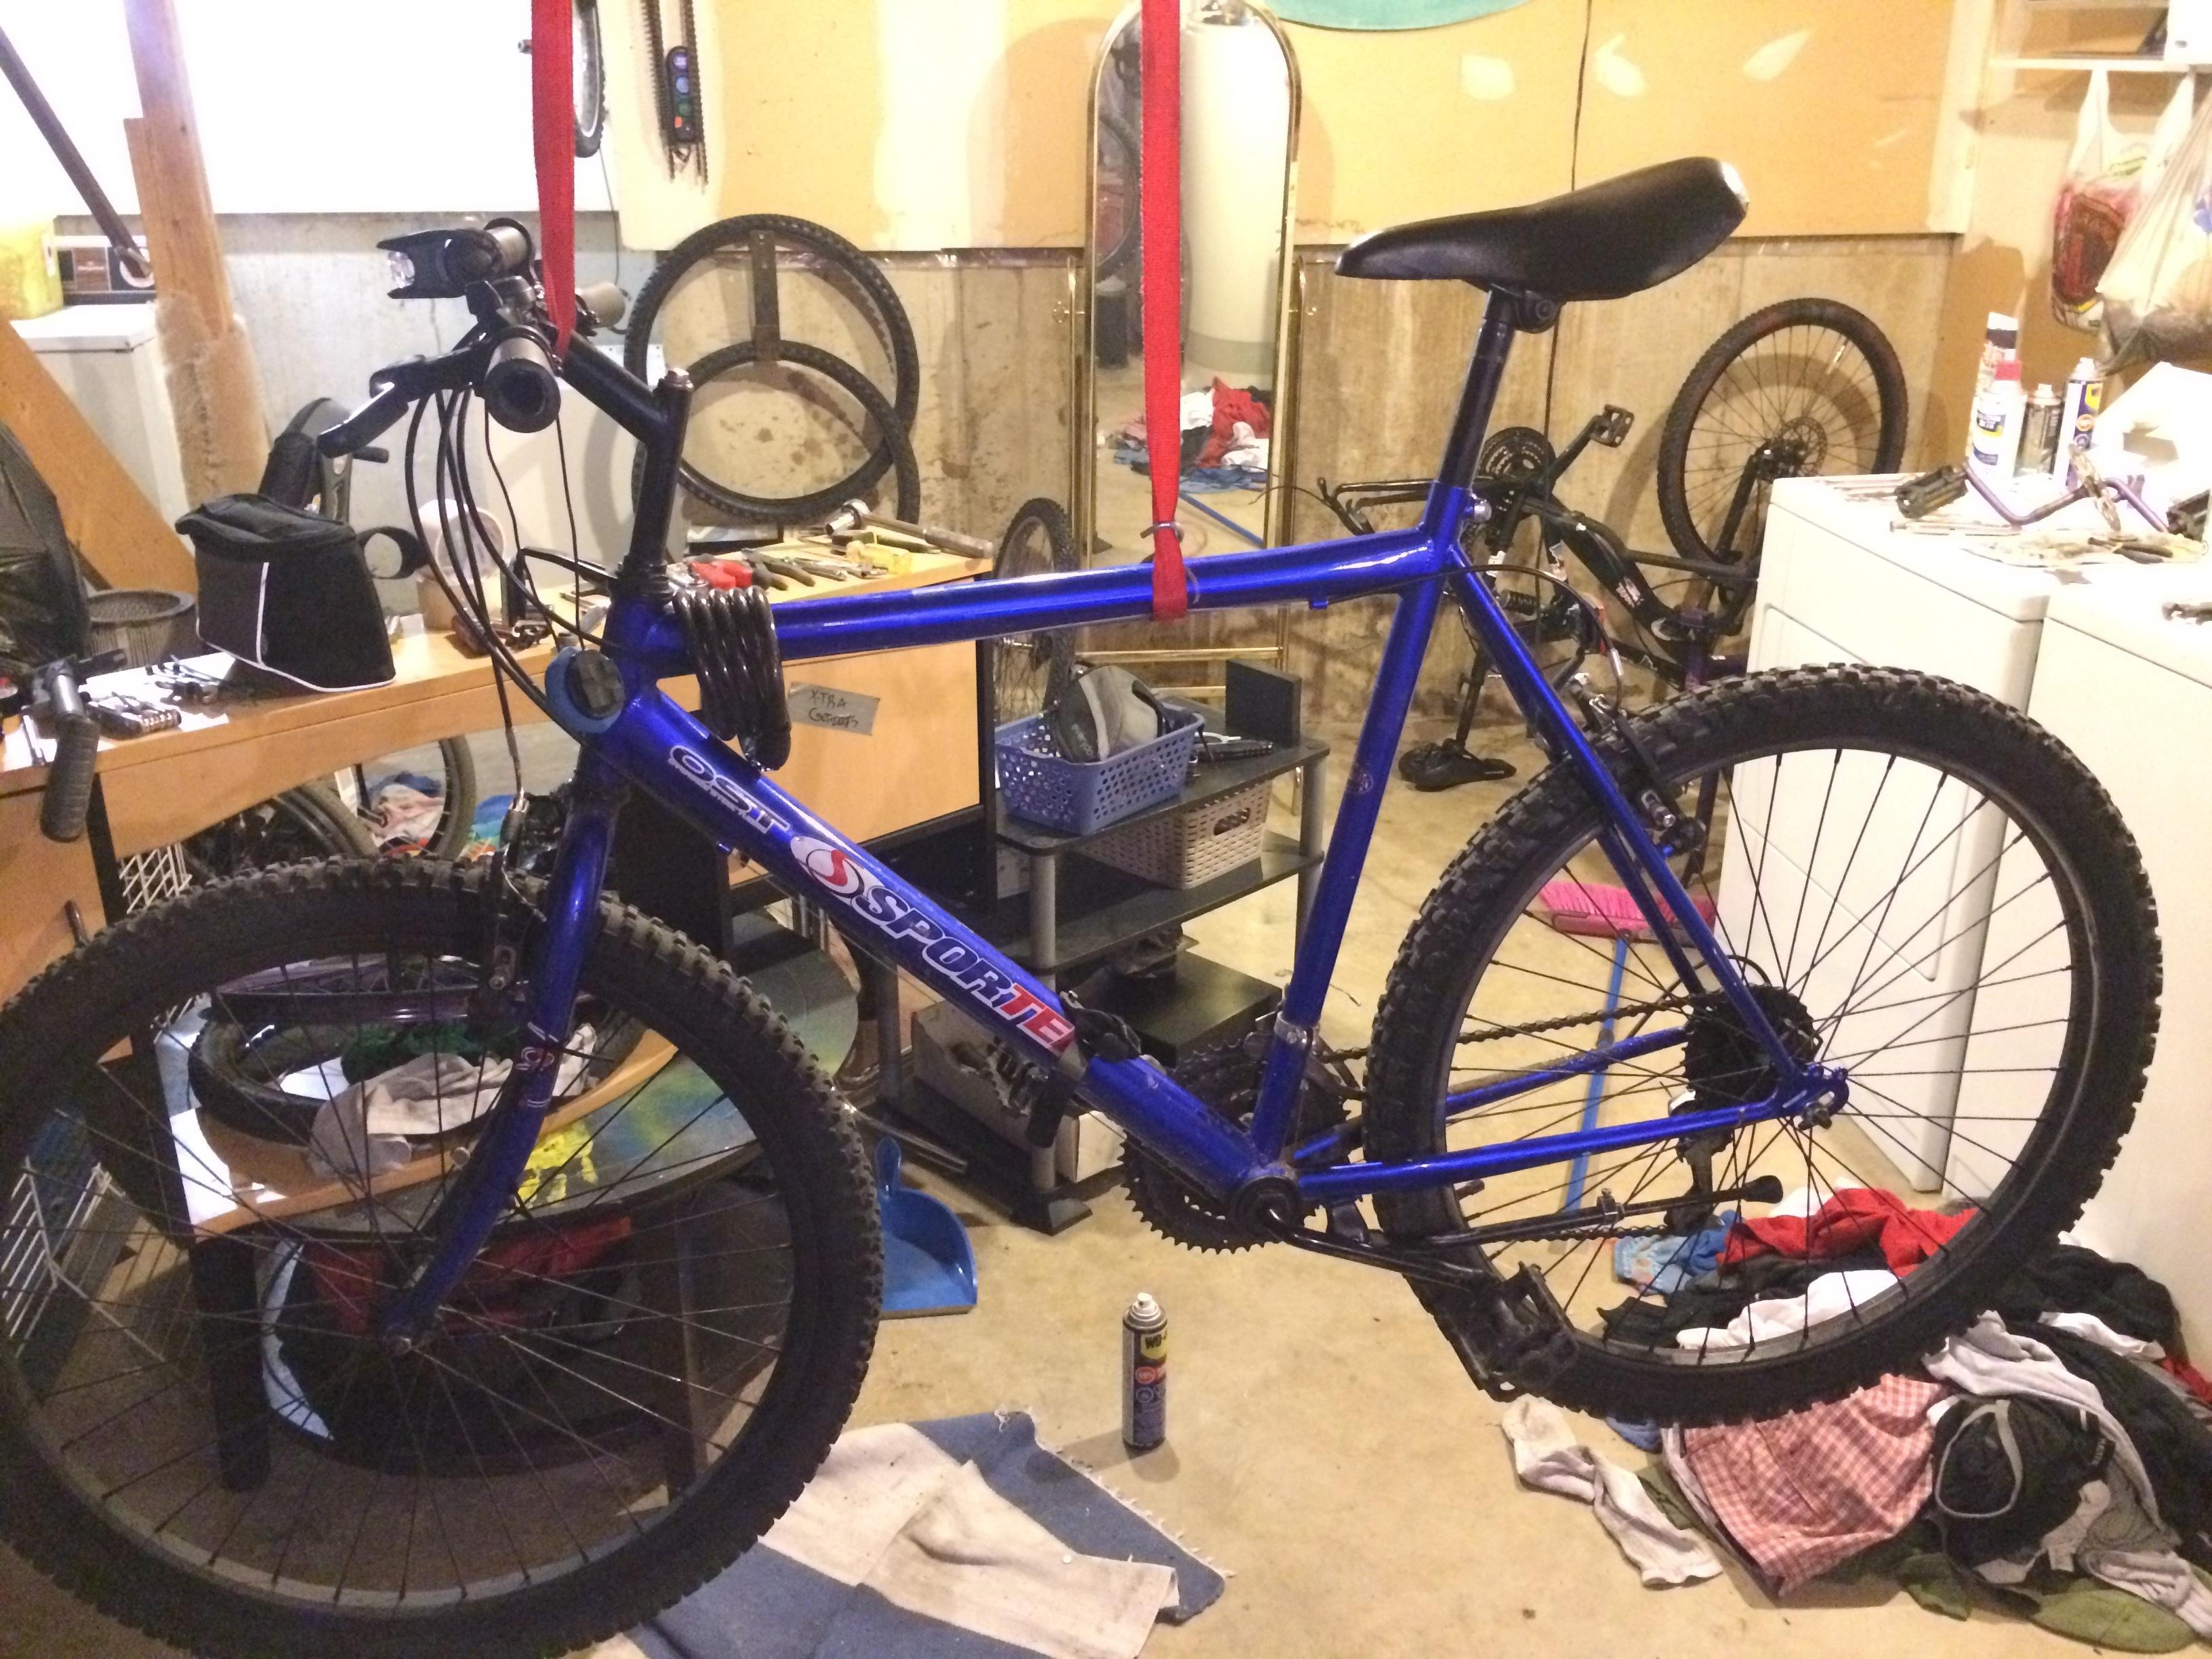 Sportek Sportek Find images of sport bike. bike index